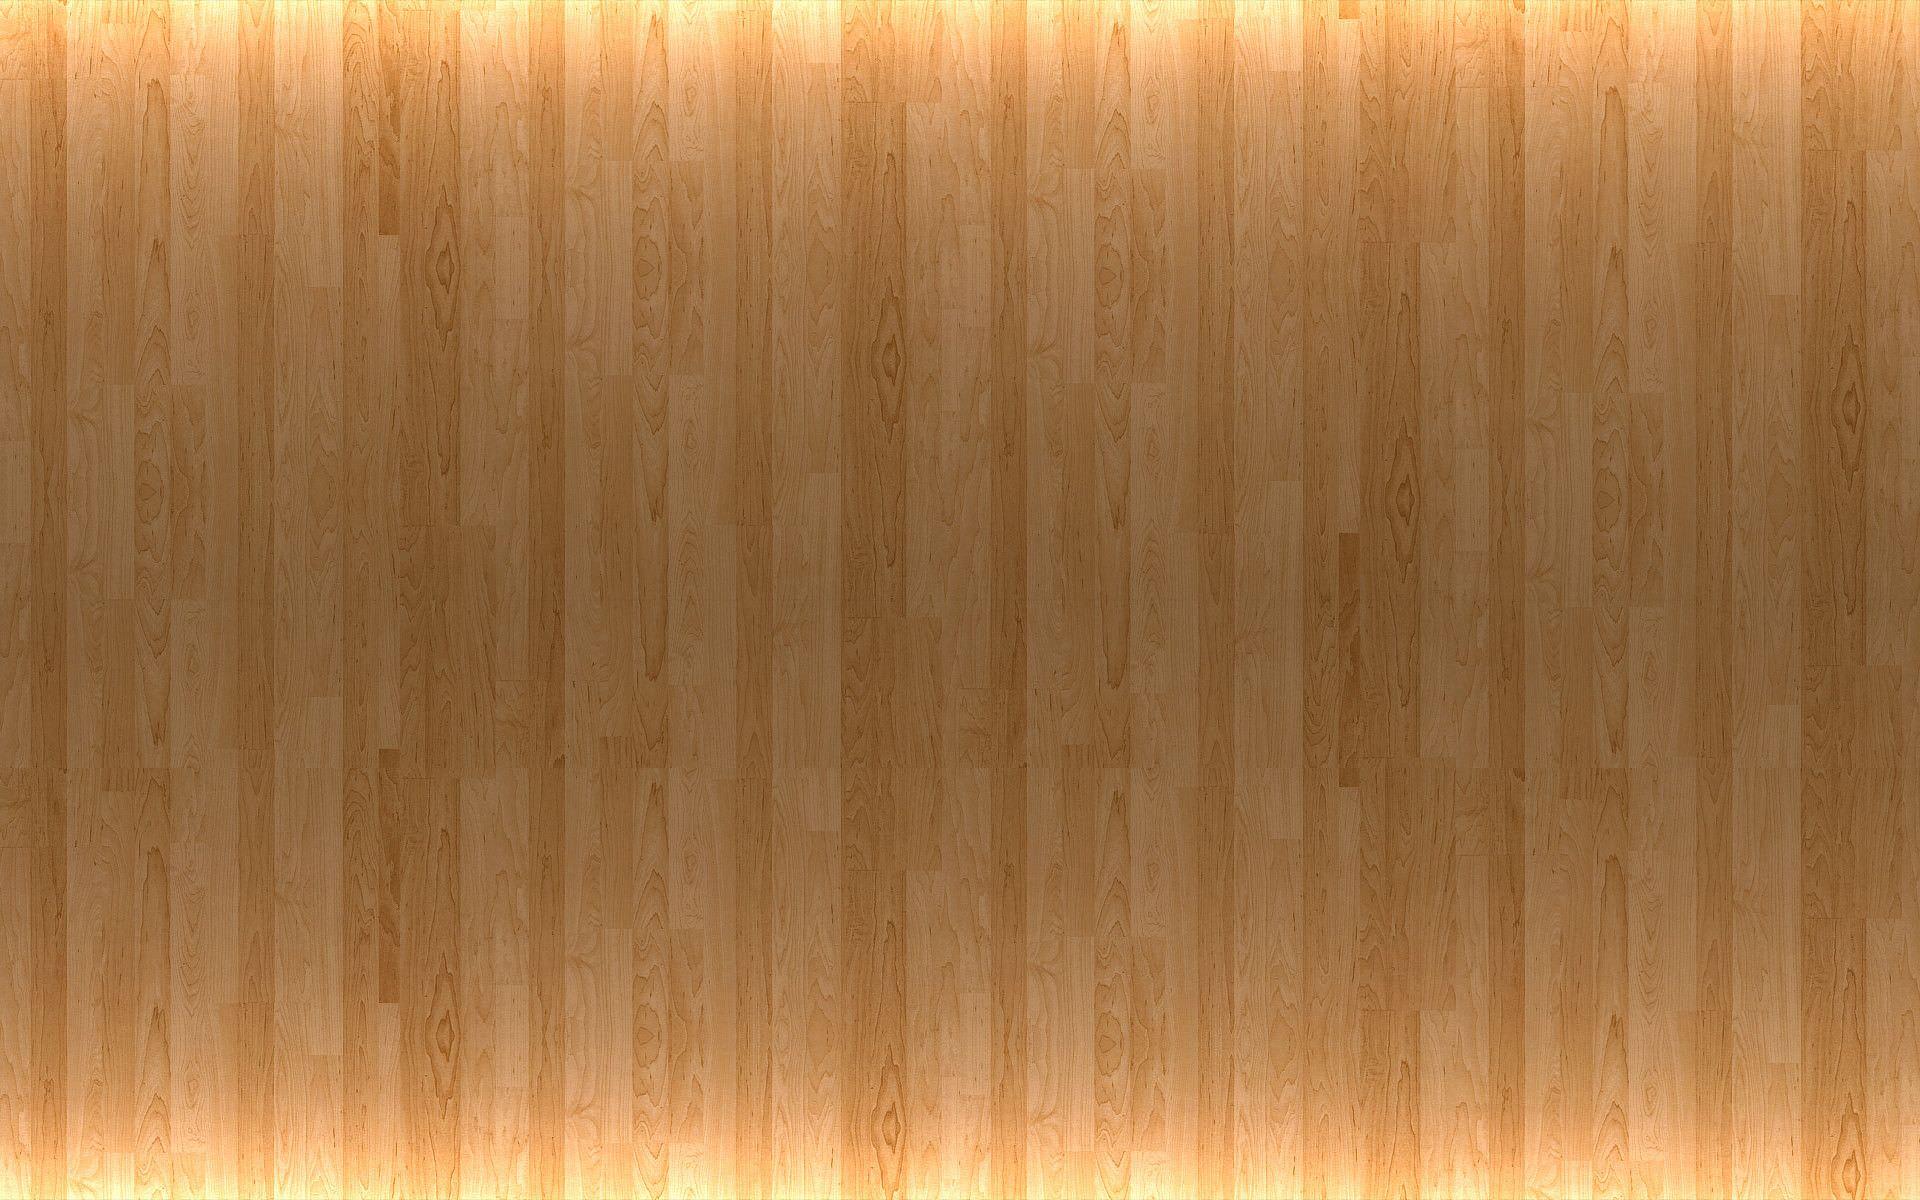 Model Wood Grain HD Backgrounds  PixelsTalkNet